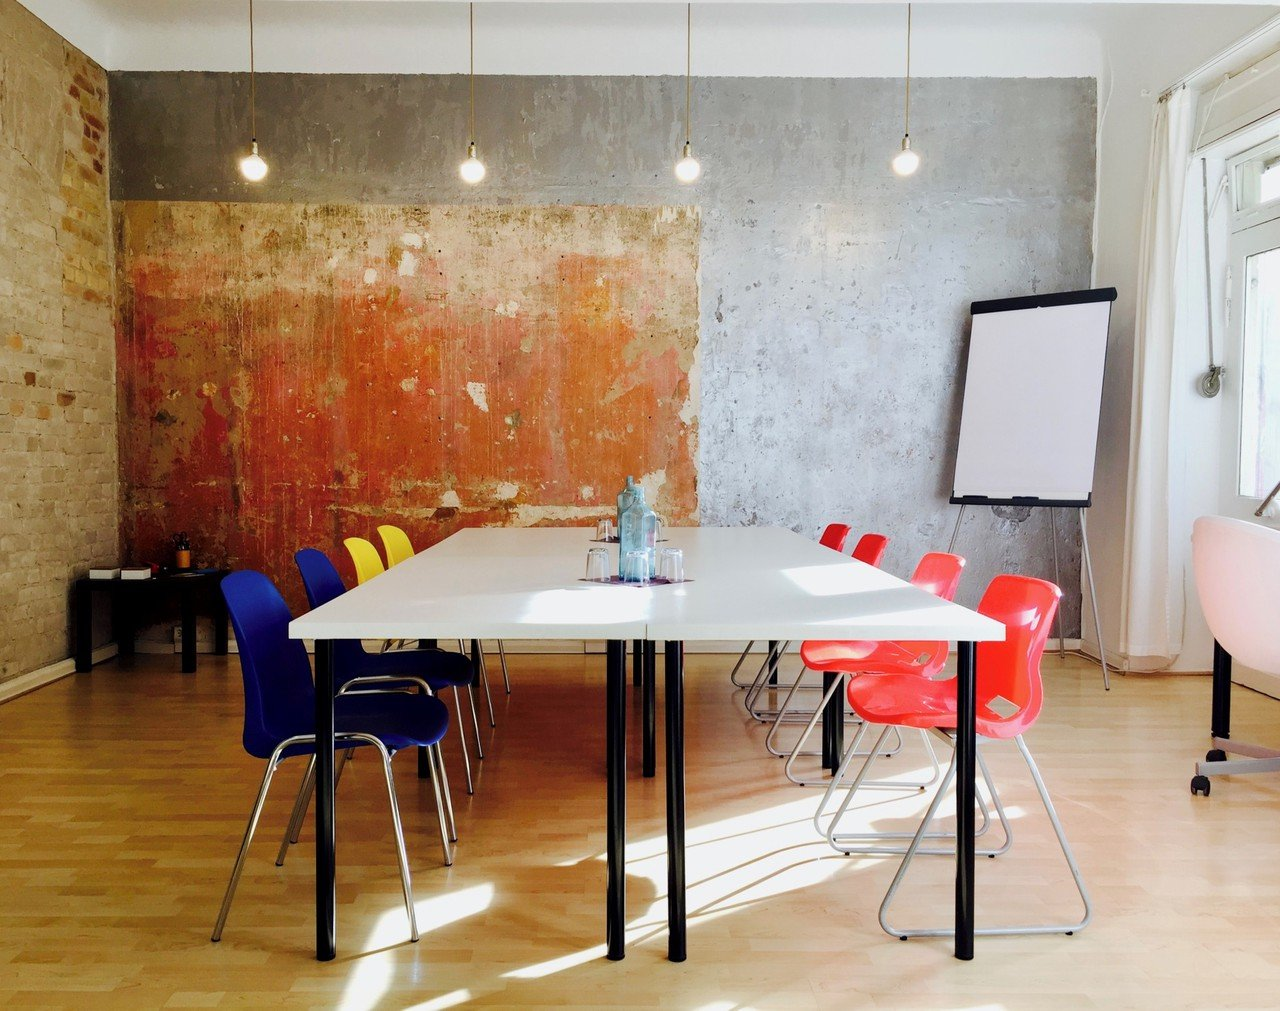 Berlin workshop spaces Meetingraum Wirkungskreis - Seminarraum image 0